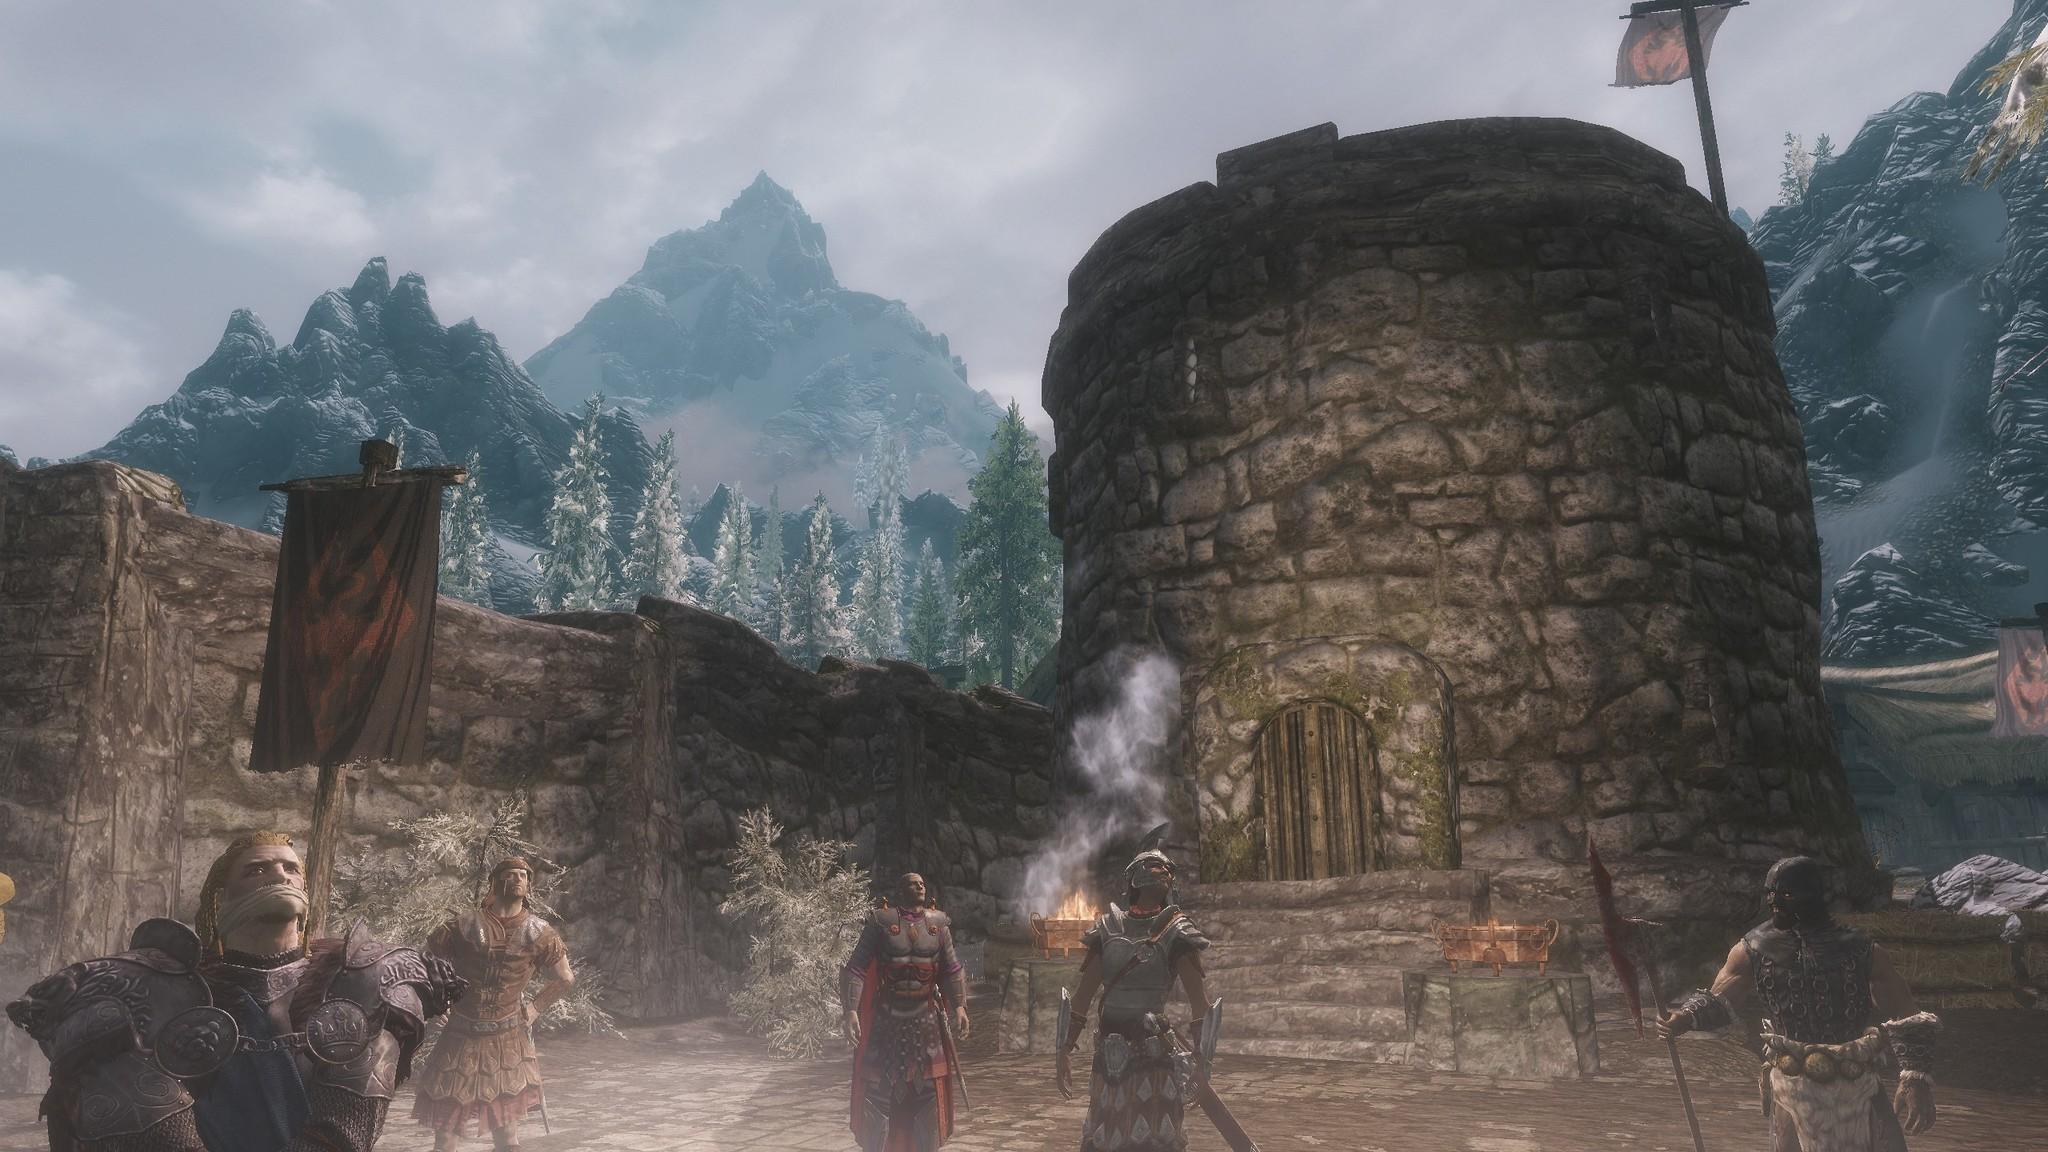 Need uncommon/rare/new mod reccomendations (lore friendly